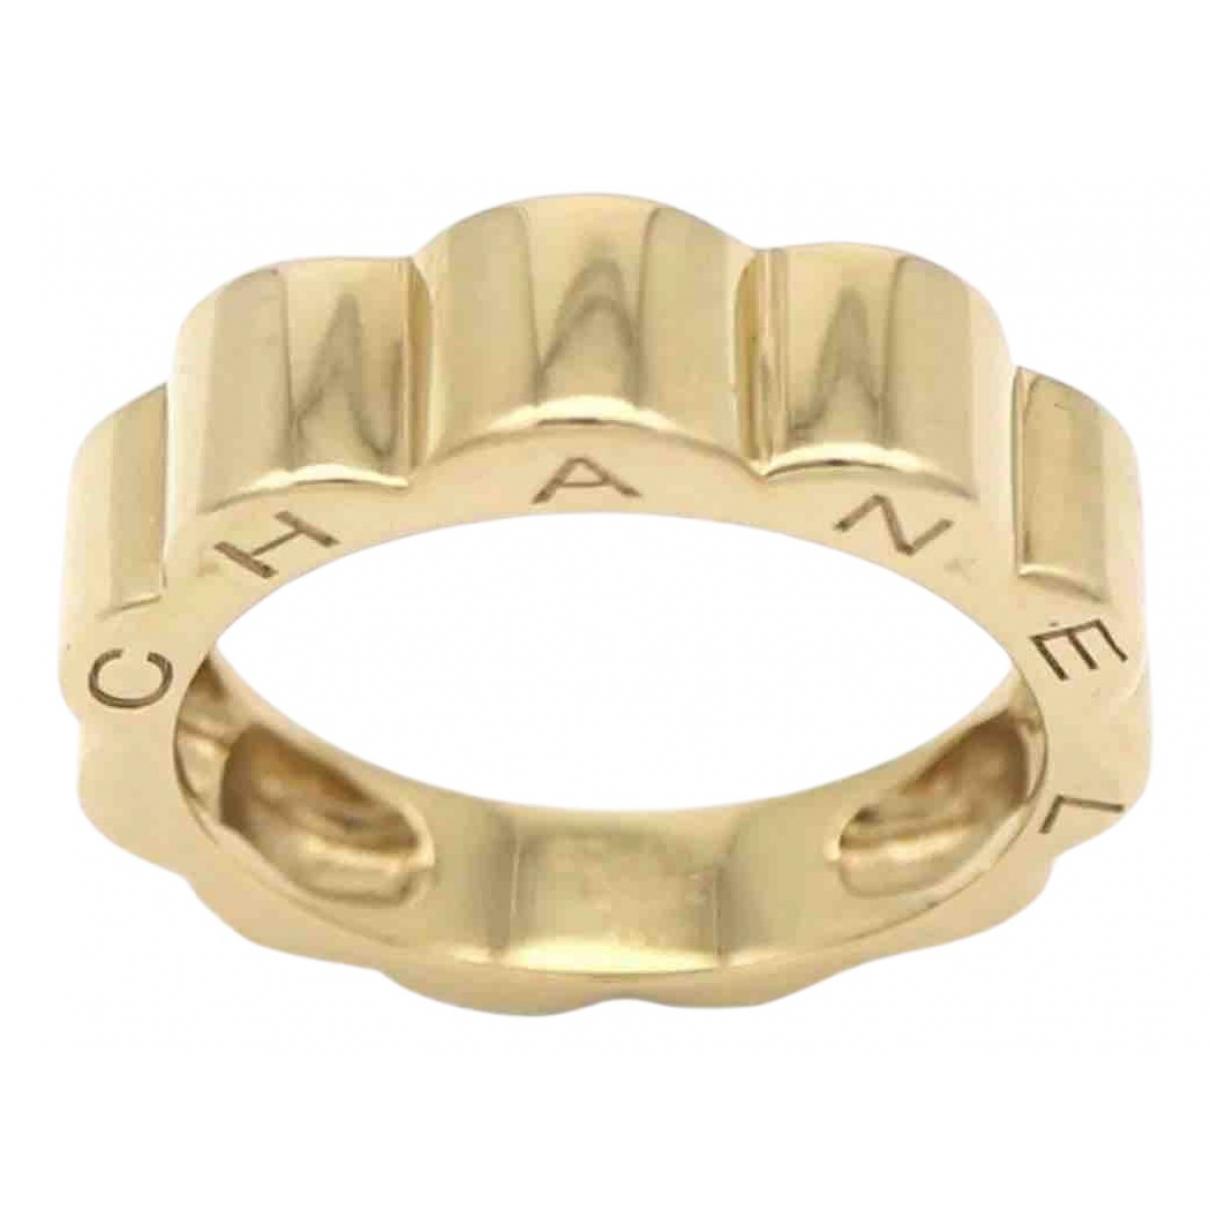 Chanel Camélia Gold Yellow gold ring for Women 48 EU